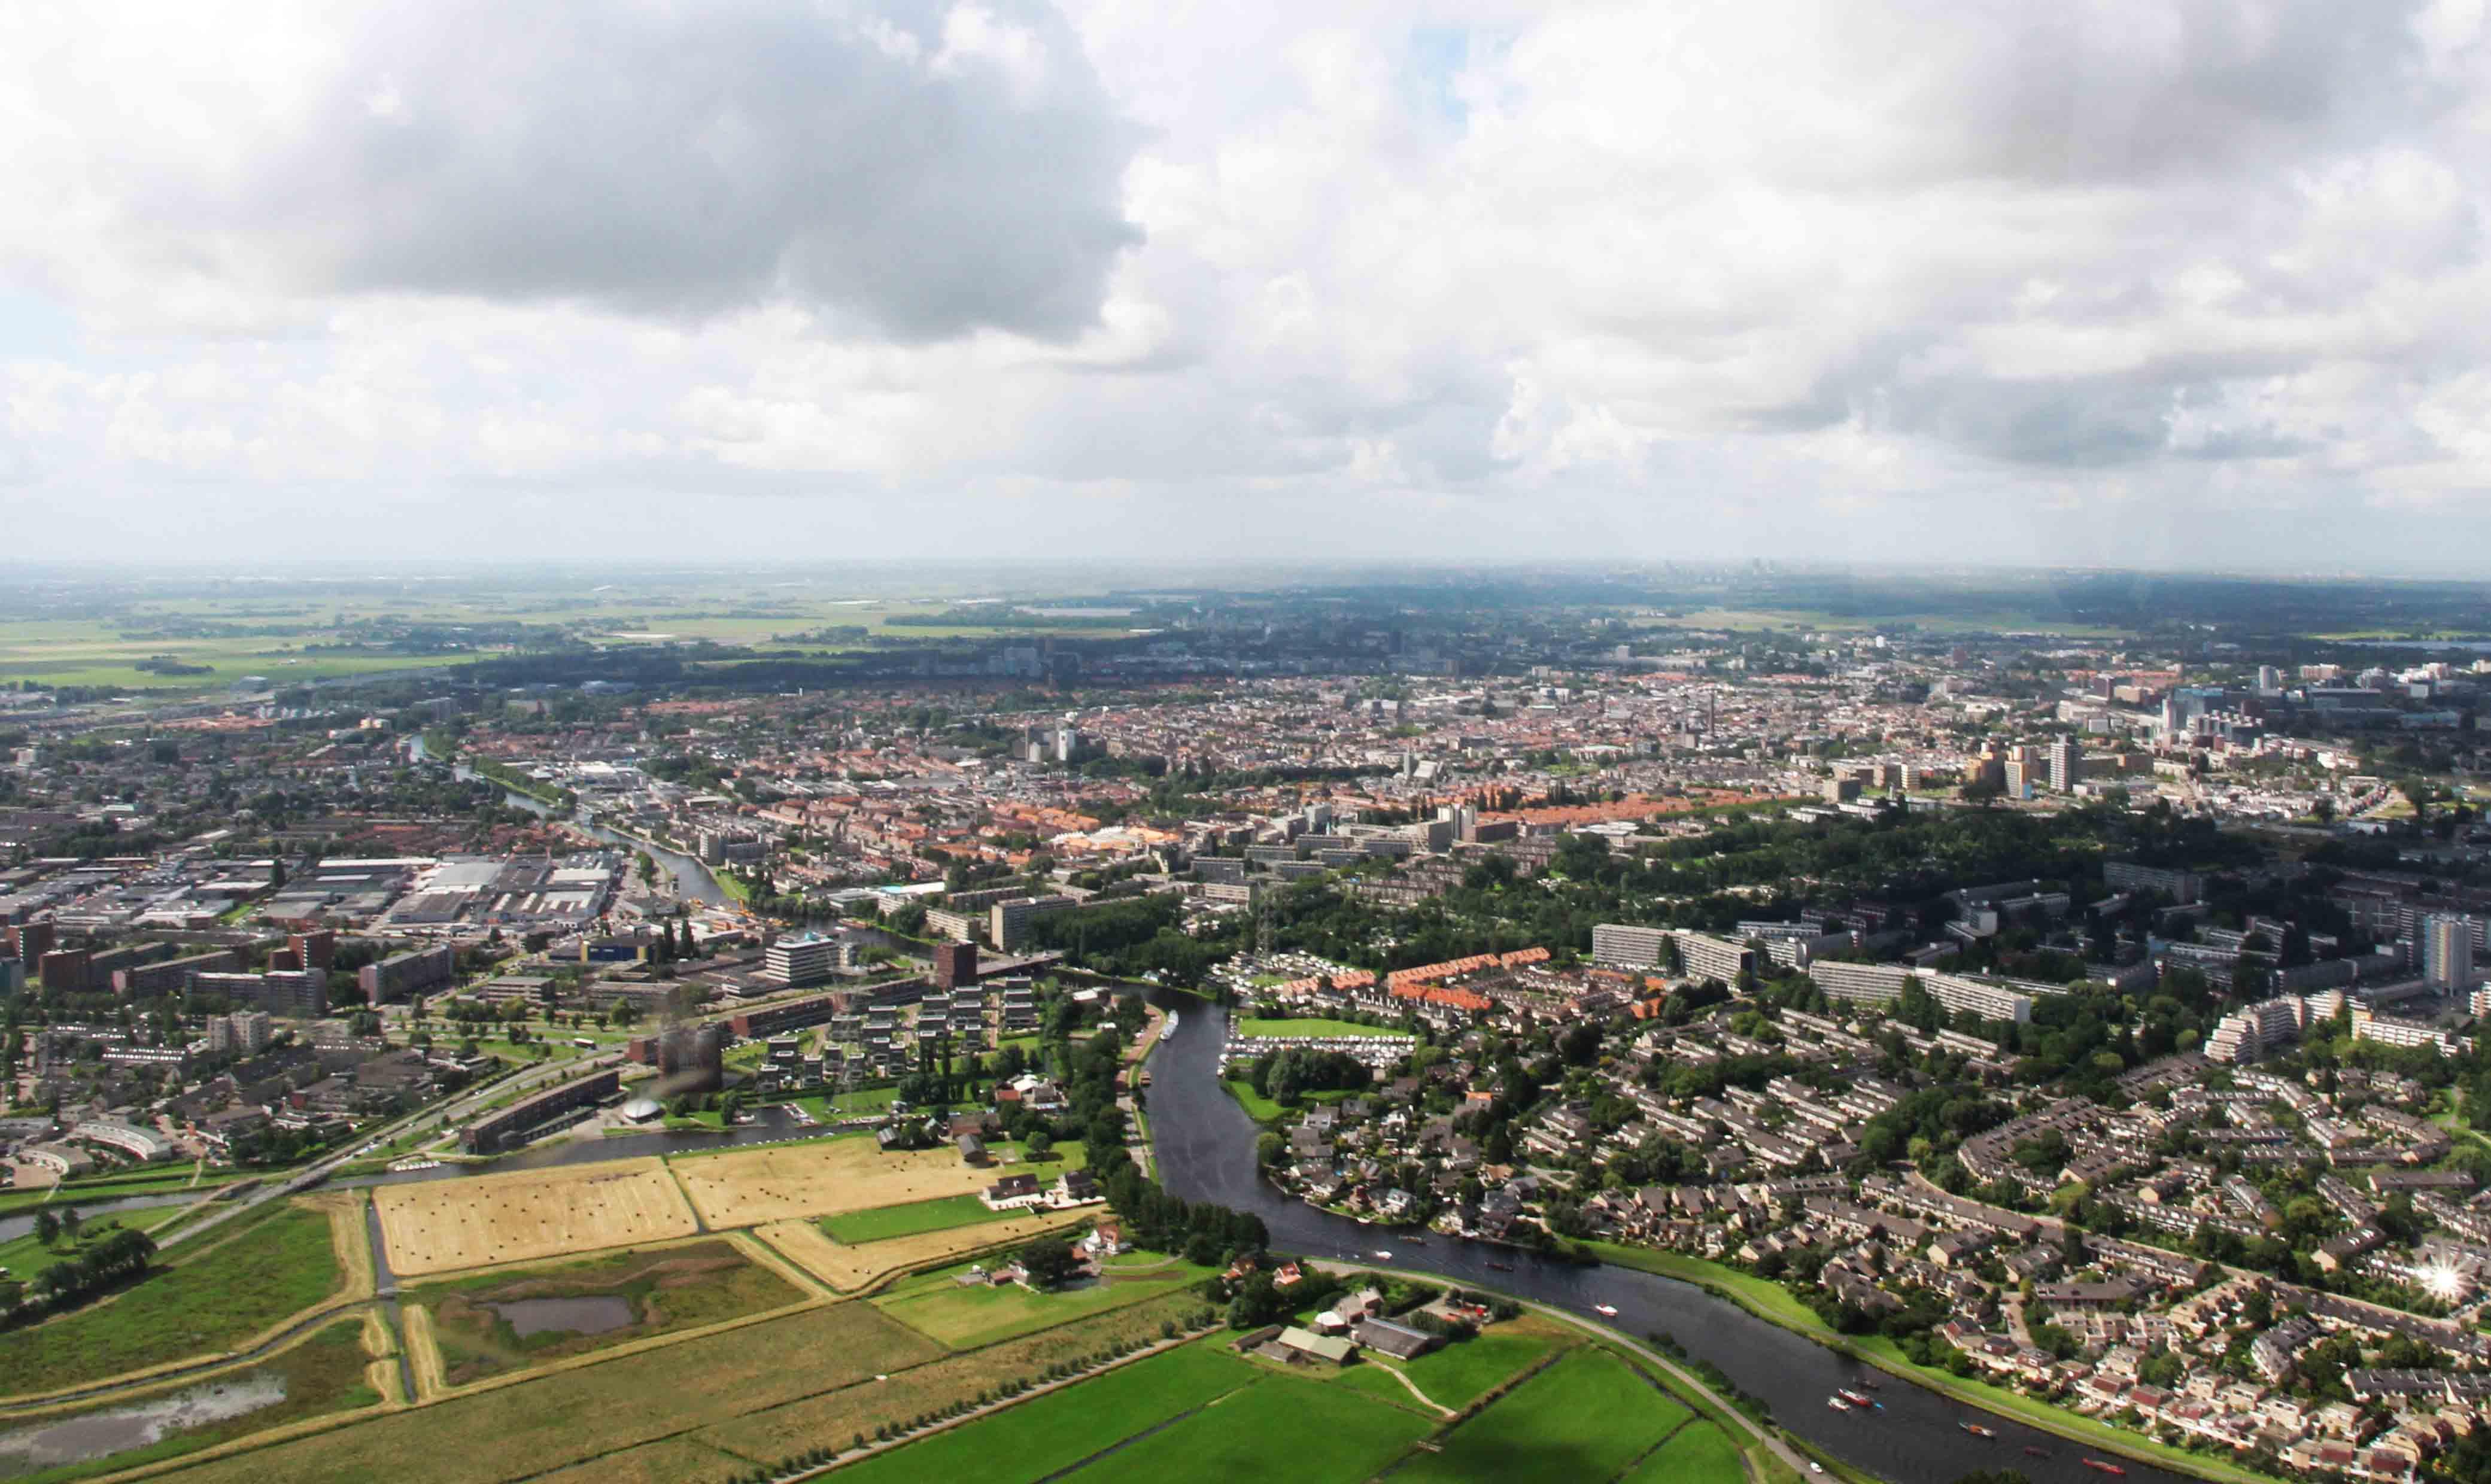 Zicht op de Woningmarkt - De landelijke woningmarktcijfers over het eerste kwartaal van 2018